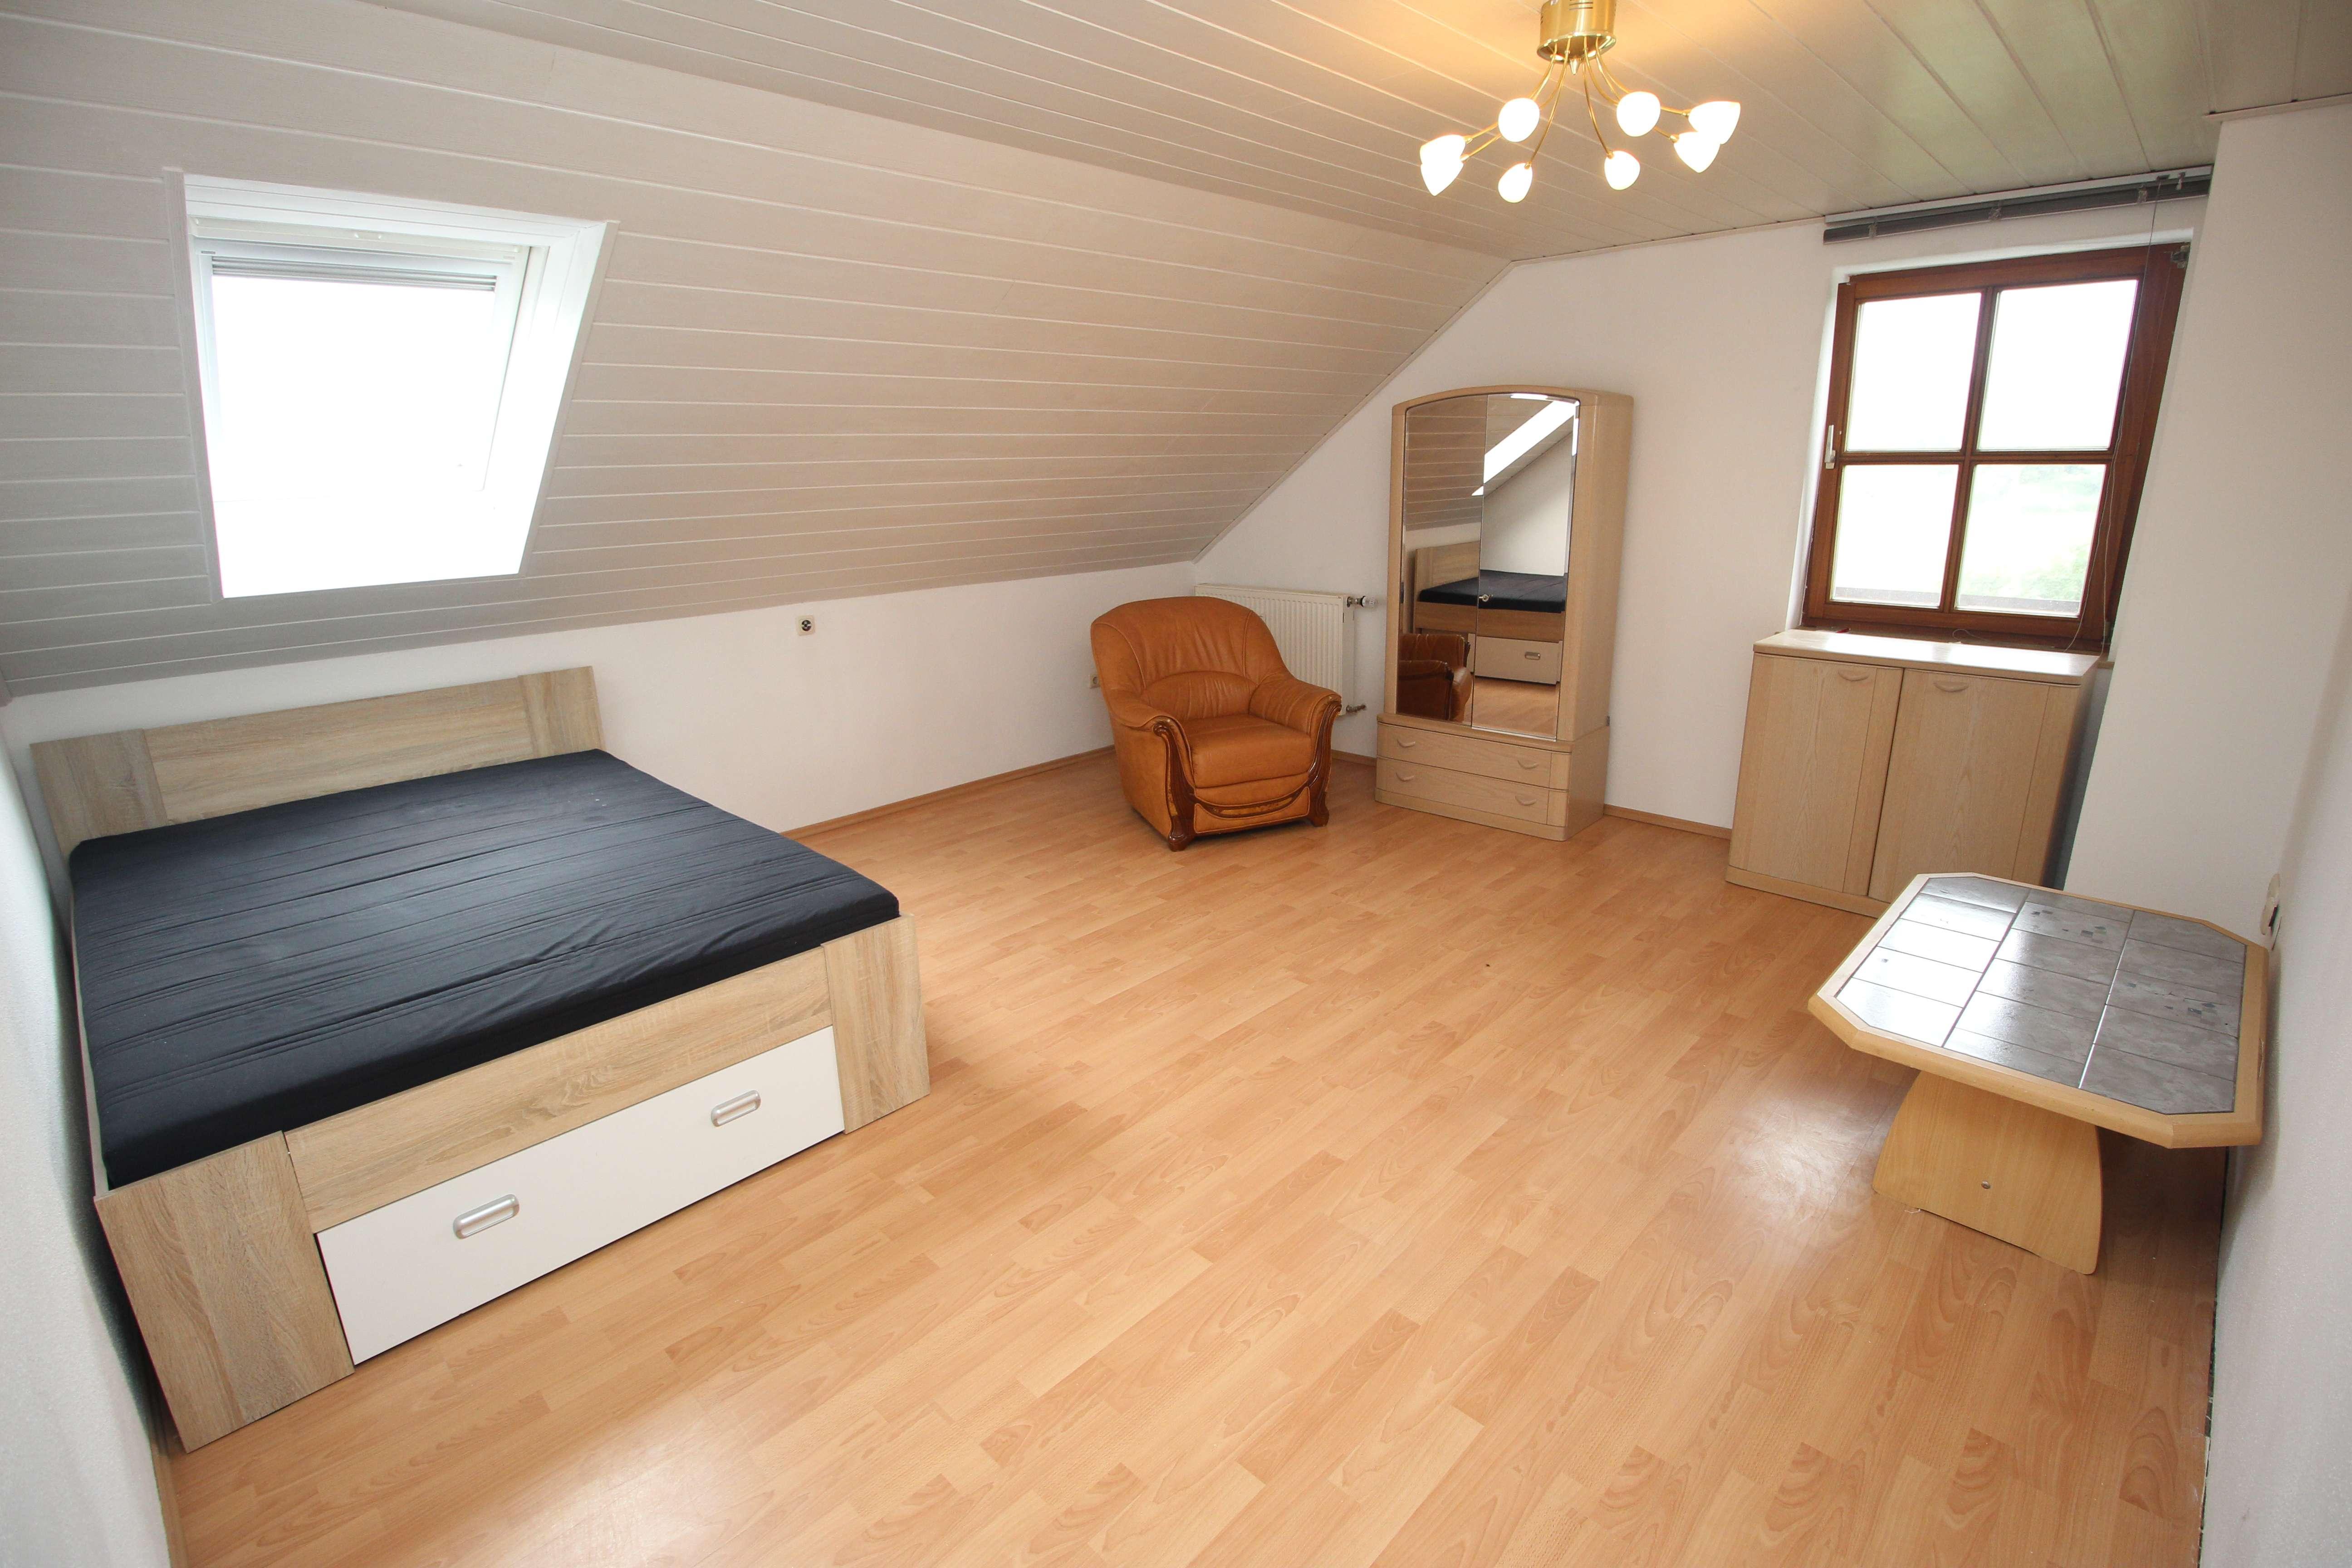 1 großzügiges, teilmöbliertes Zimmer in einer dreier Wohngemeinschaft zu vermieten! in